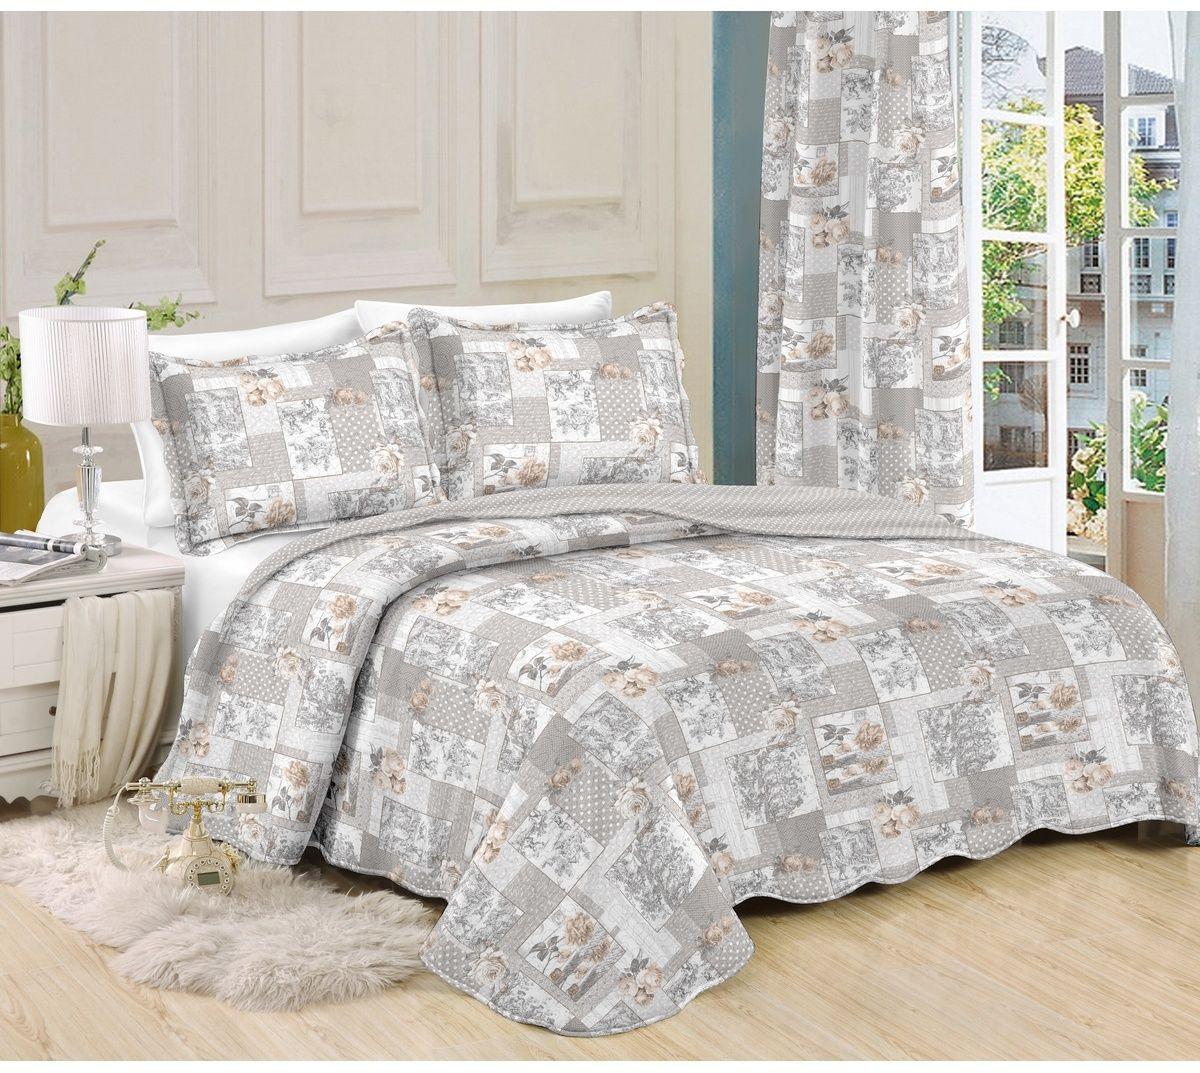 Narzuta na łóżko Patchwork Ina, 140 x 200 cm, 1 szt. 50 x 70 cm, 140 x 200 cm